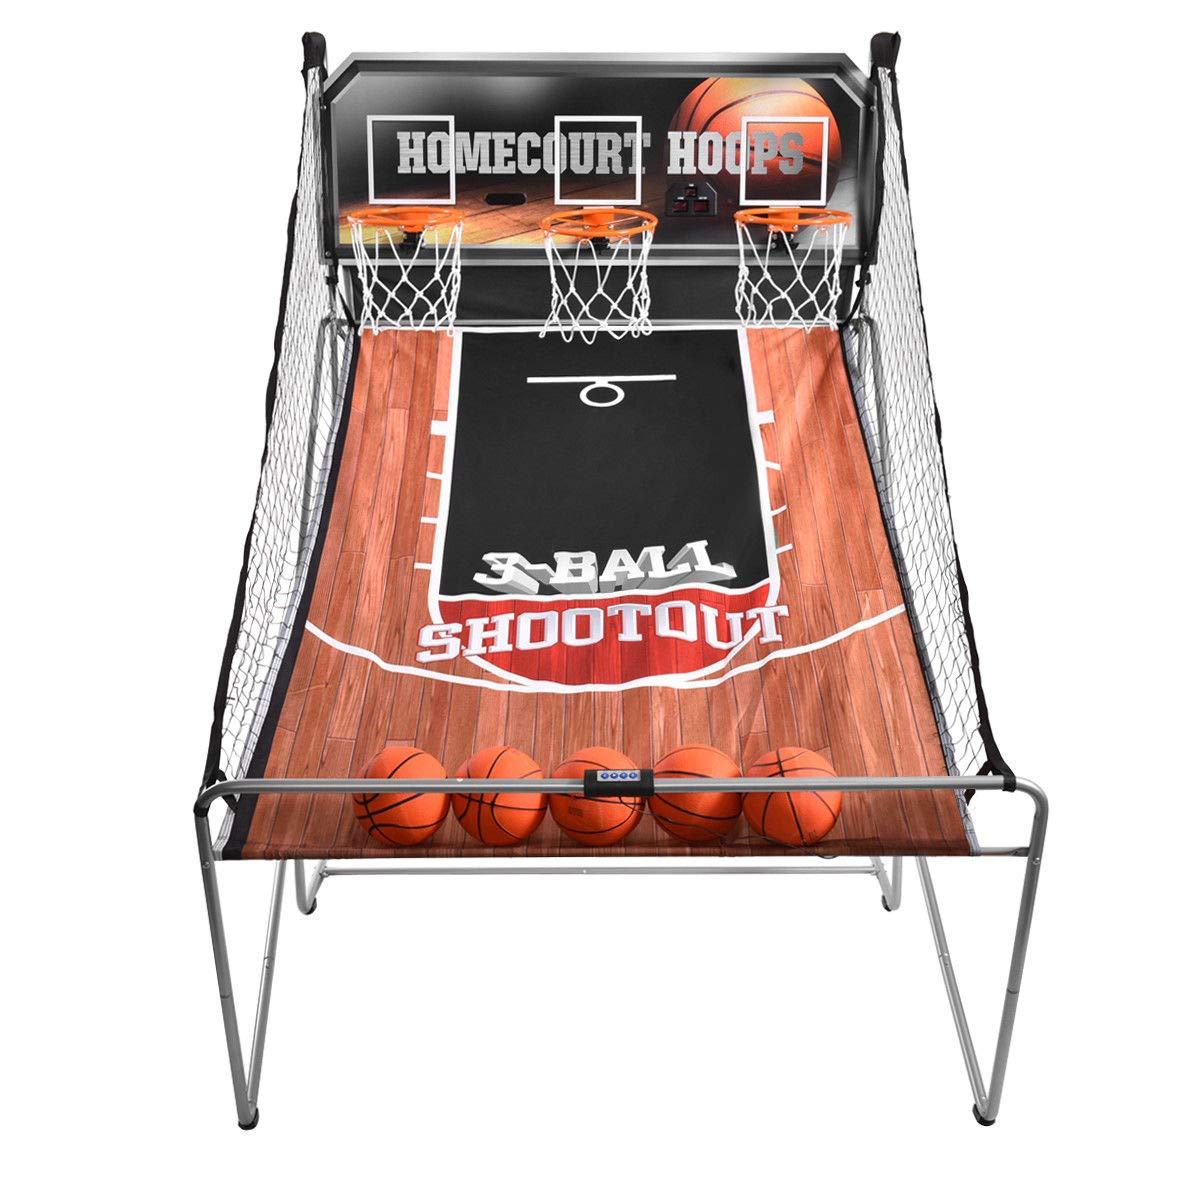 KCHEX>>>インドアバスケットボールアーケードゲームスポーツ電子フープショット3プレーヤークリスマスキッド>当社の3ショット電子バスケットボールゲームはアーケードの楽しさを自宅にもたらします。 楽しいゲーム B07KQKD58T